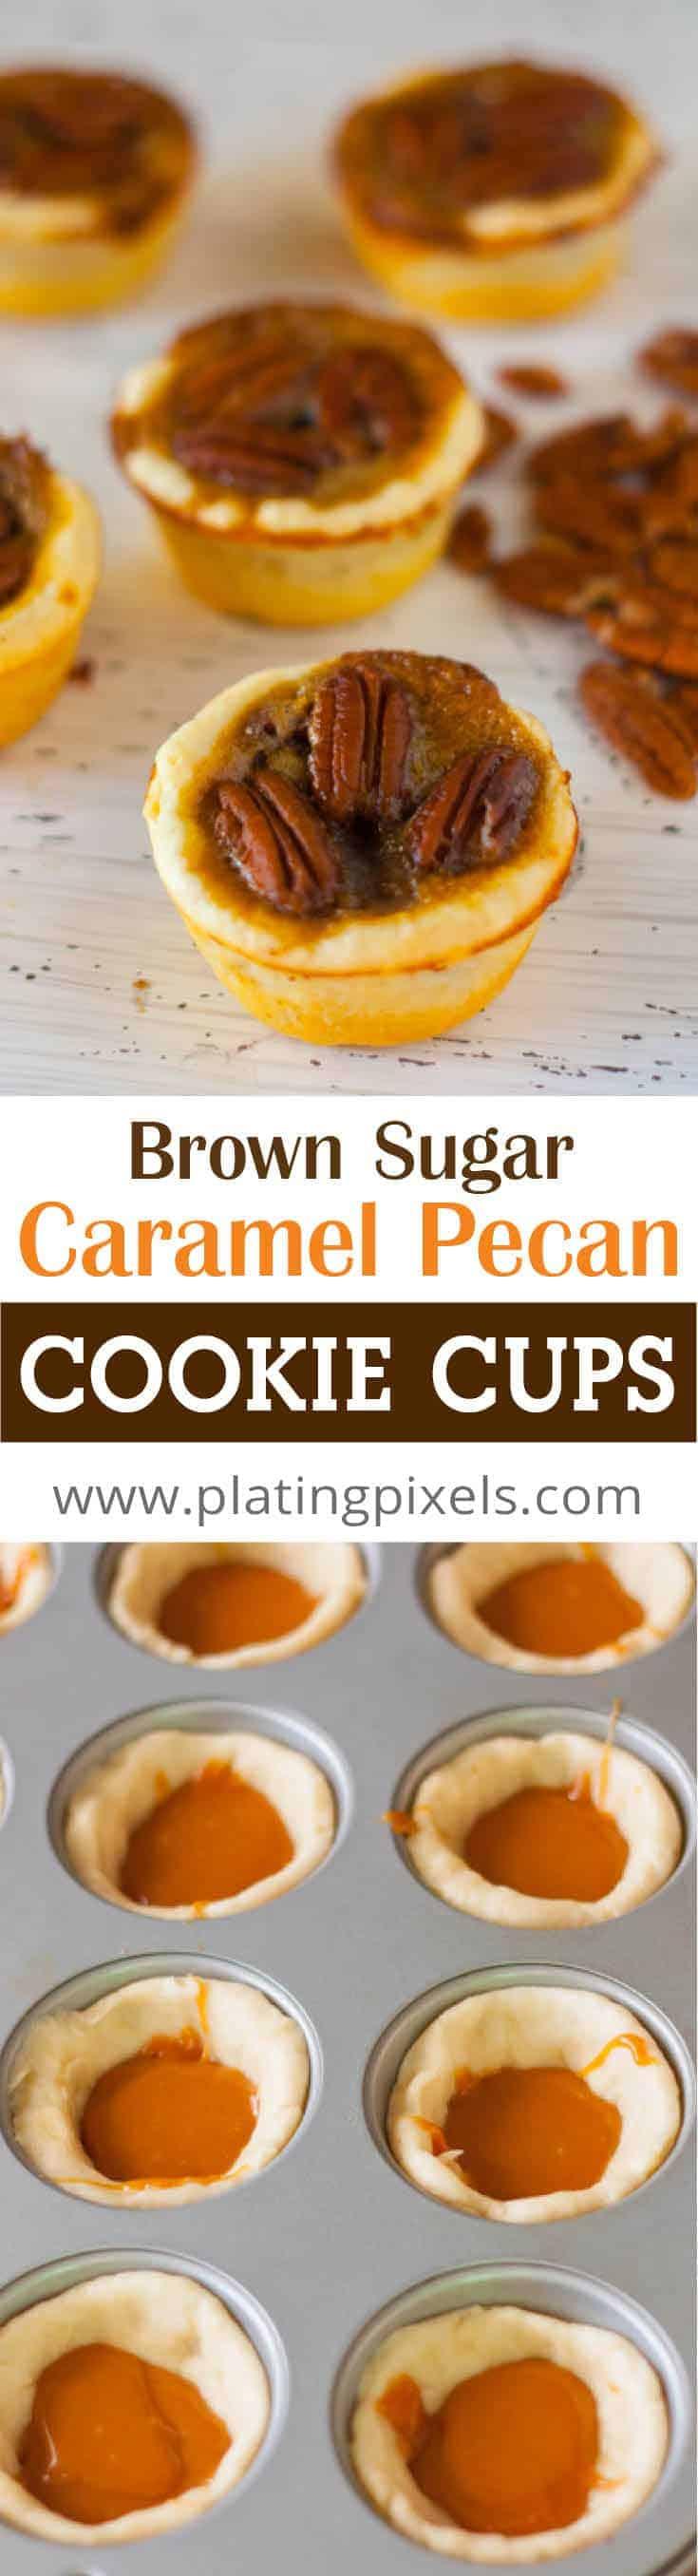 Pecan Tassies with Brown Sugar Caramel Filling